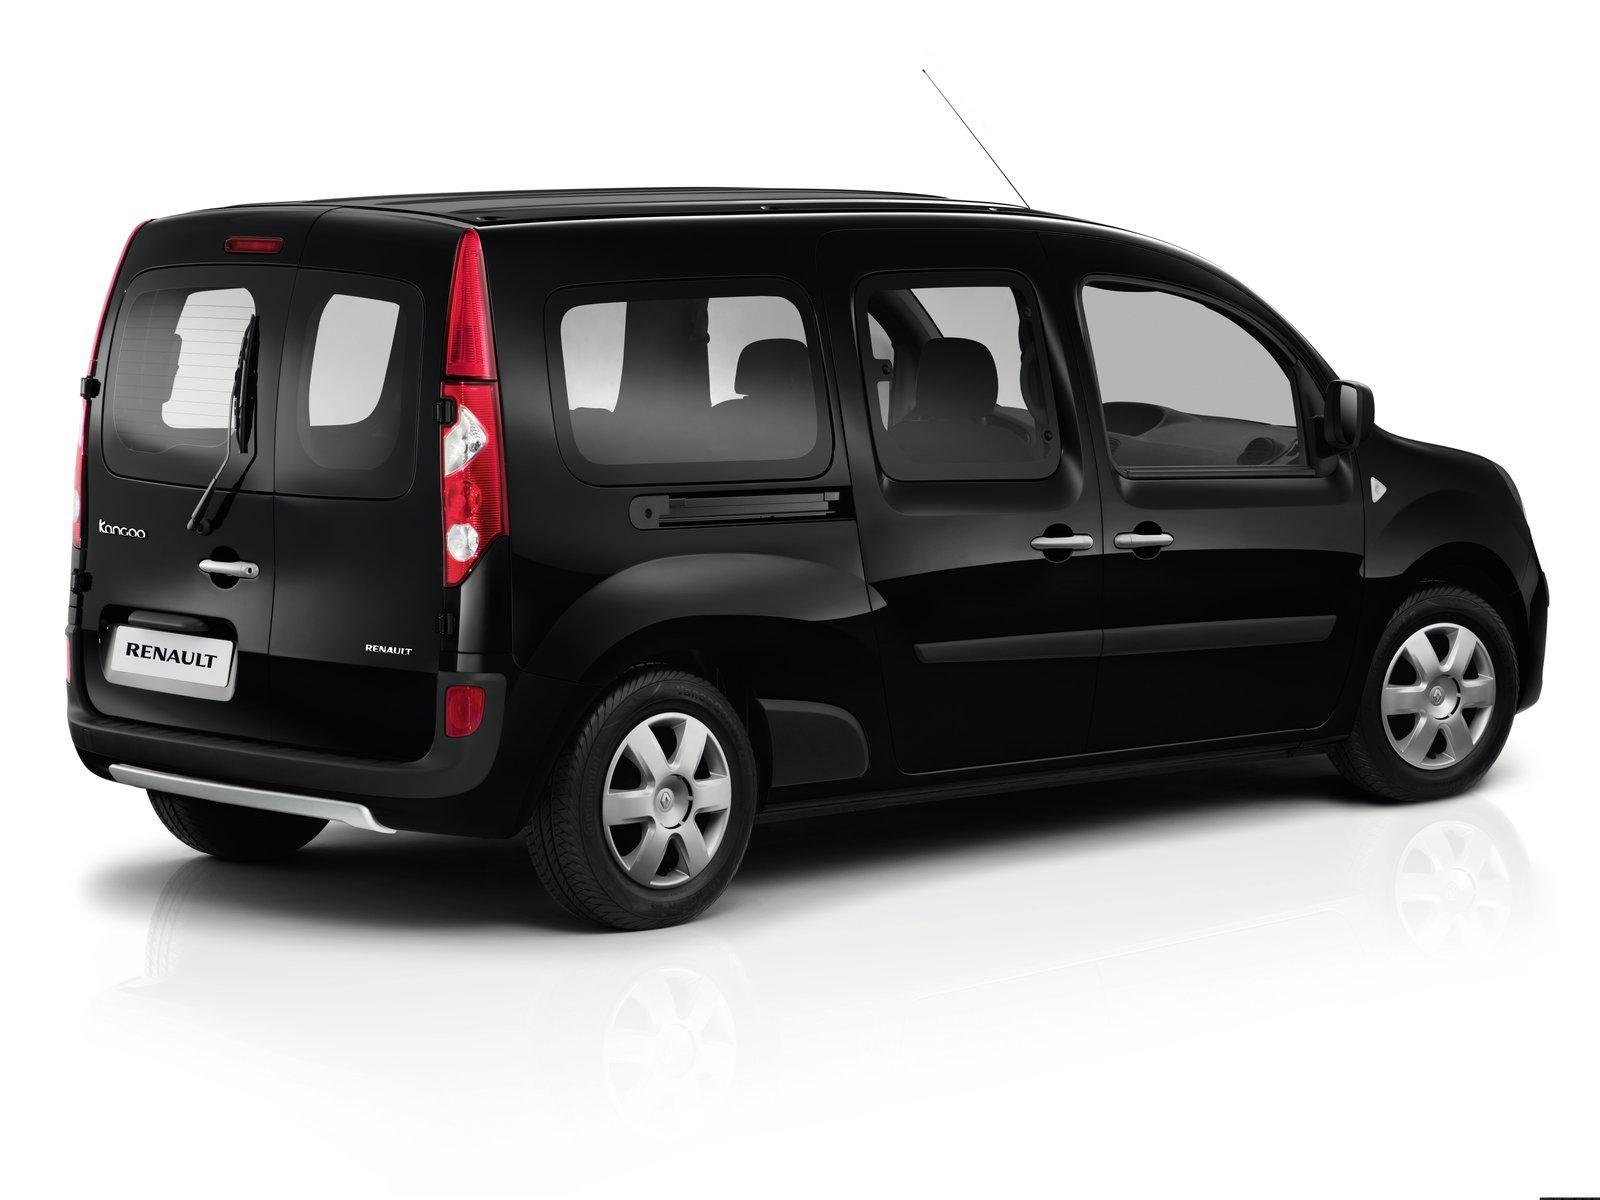 2012 Honda Civic For Sale >> 2012 Renault Grand Kangoo 7-seat Van - Price €20 750